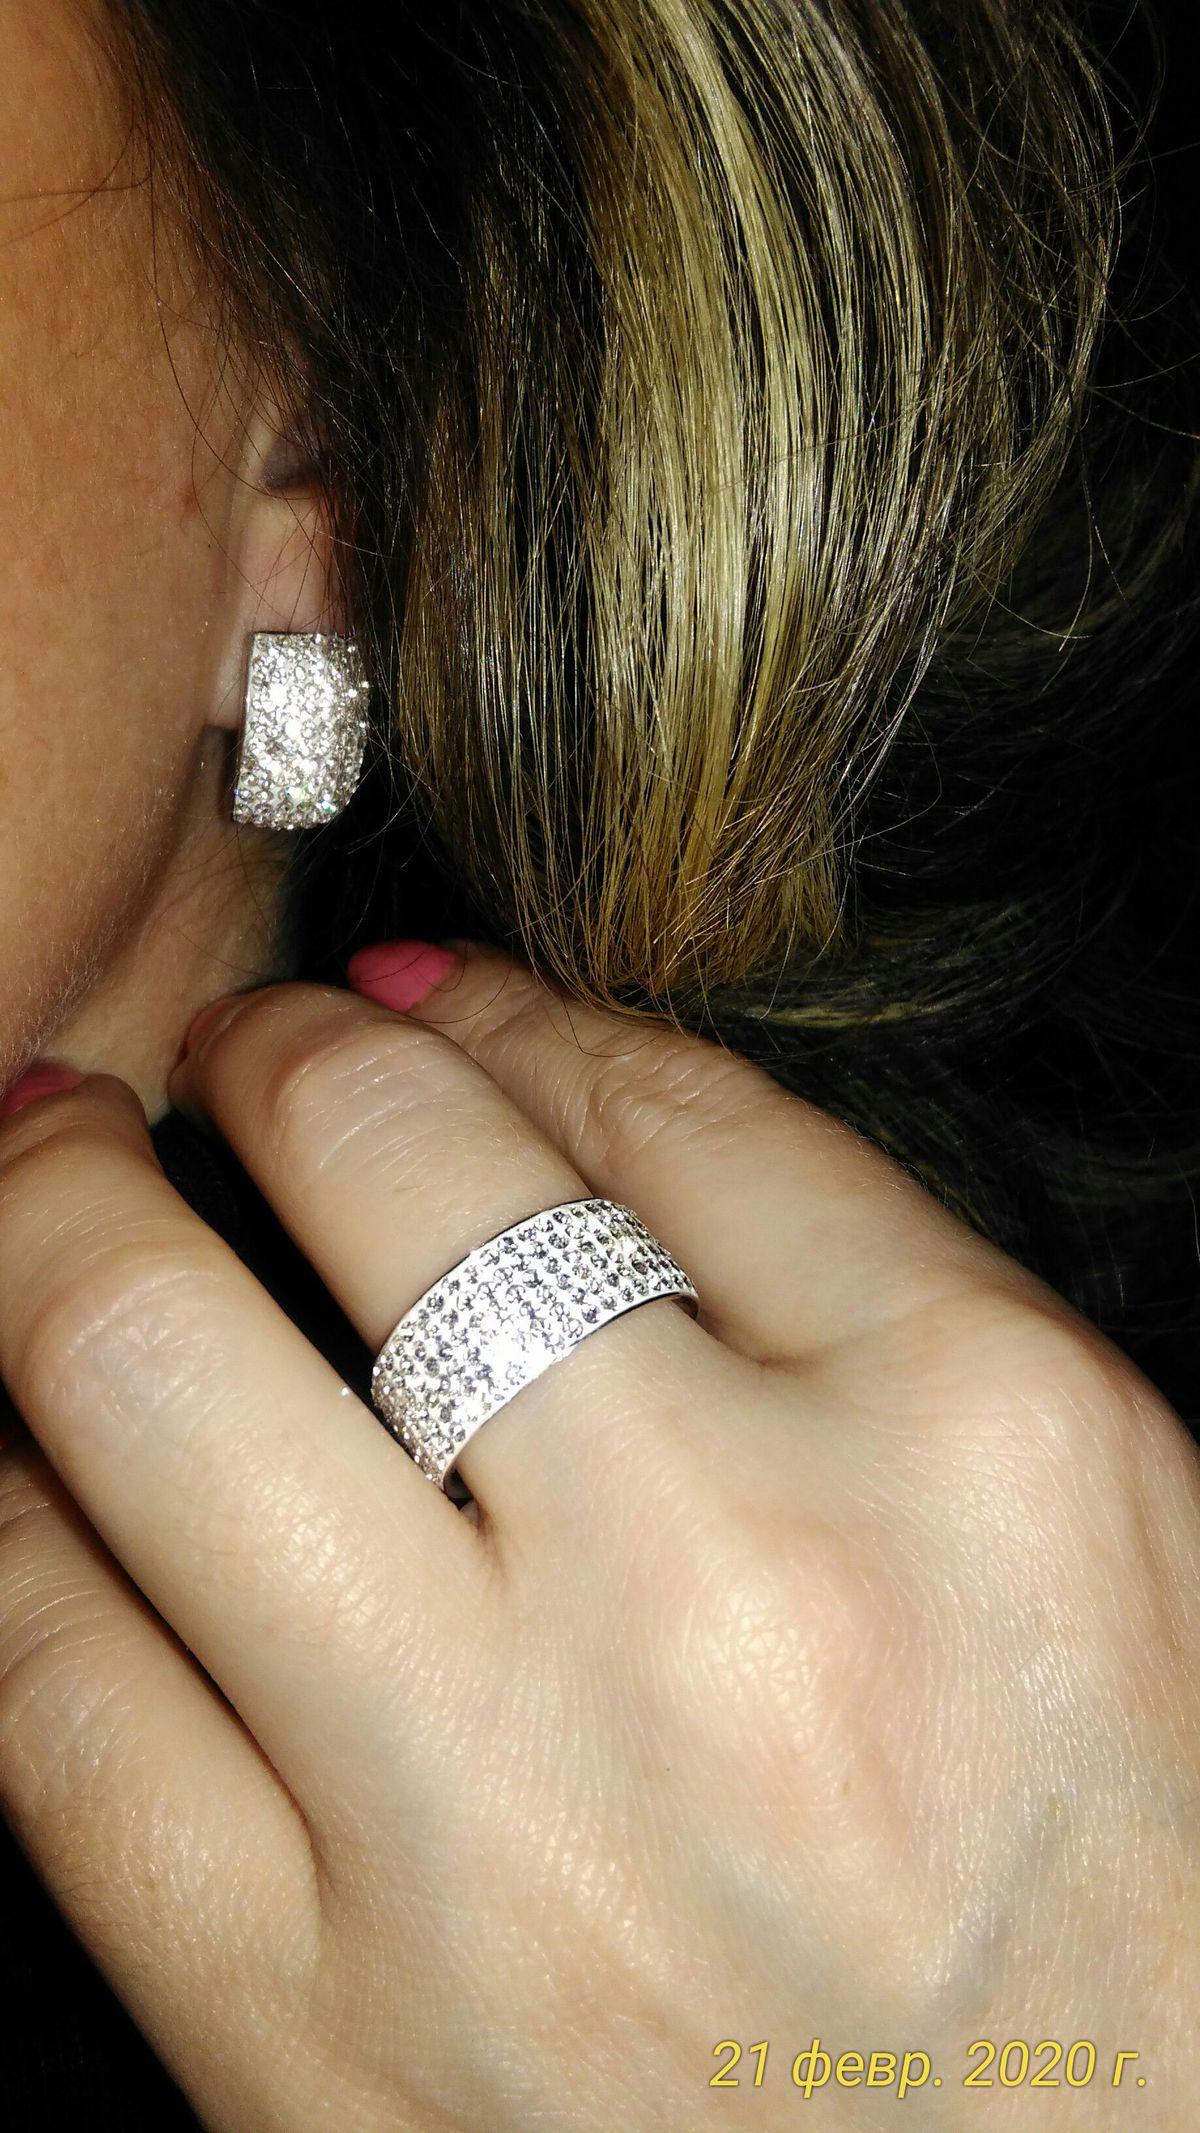 Прекрасные кольца. Лазарная грань.